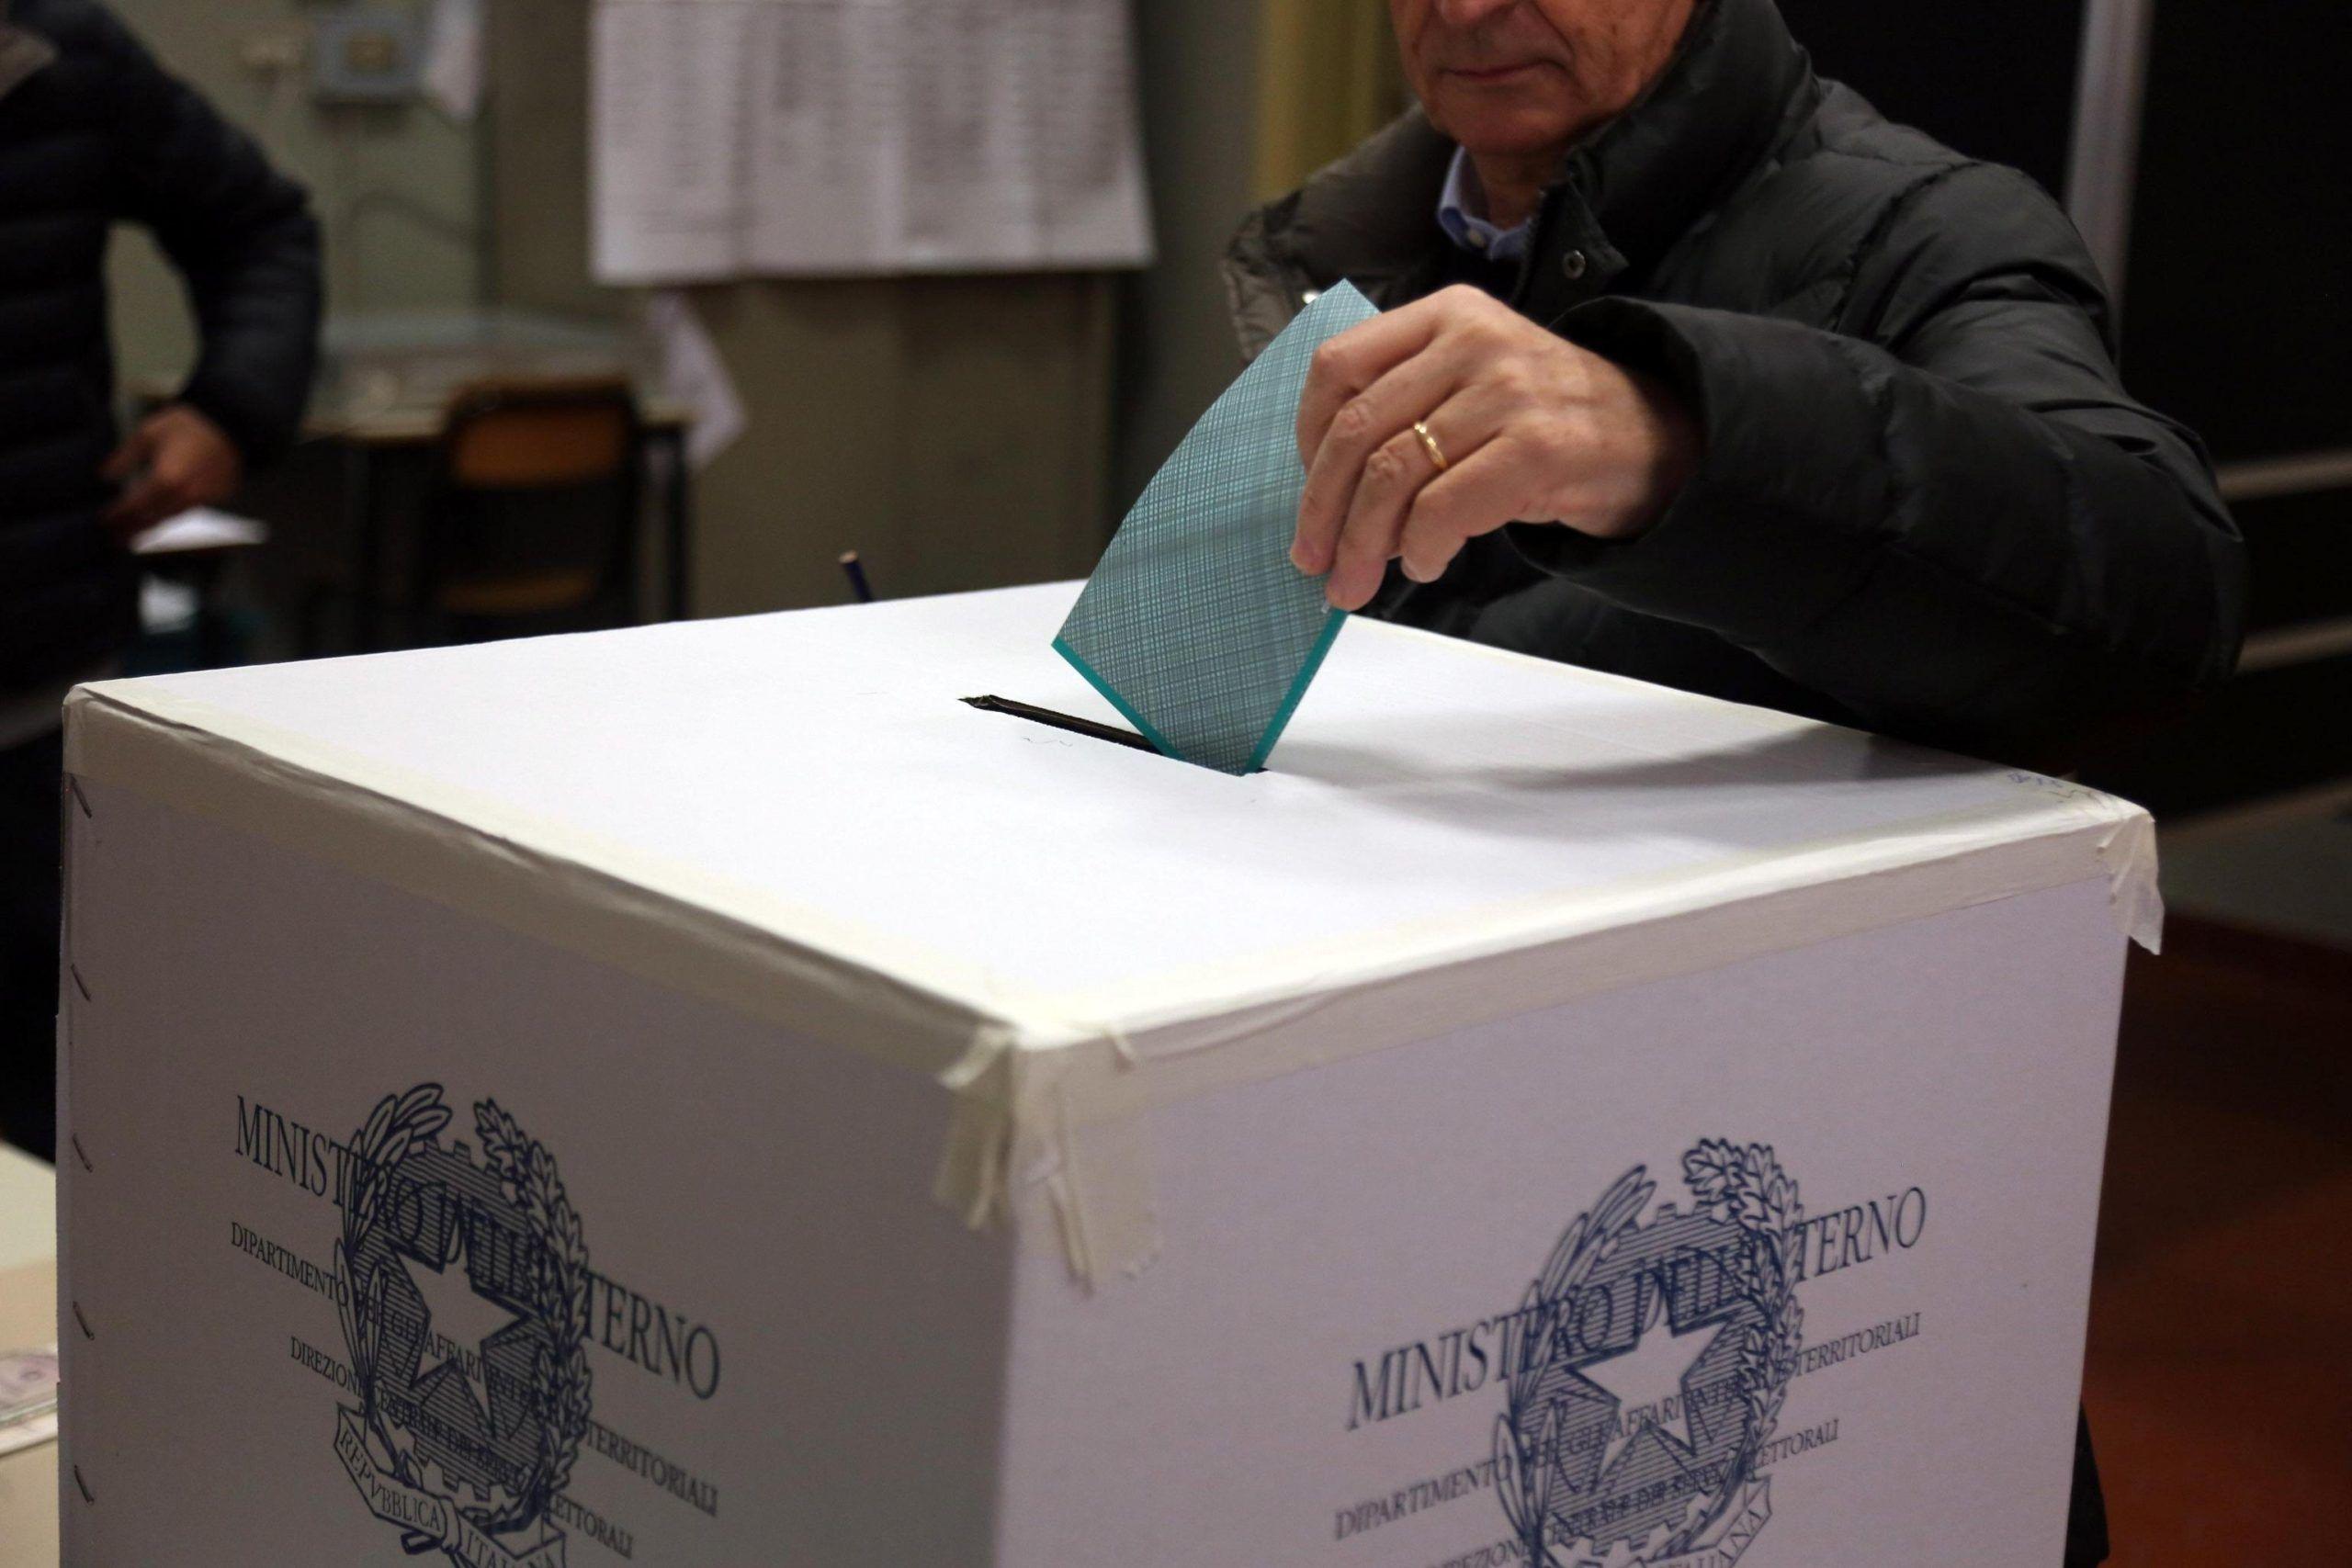 Regionali E R: urne aperte per scegliere prossimo presidente